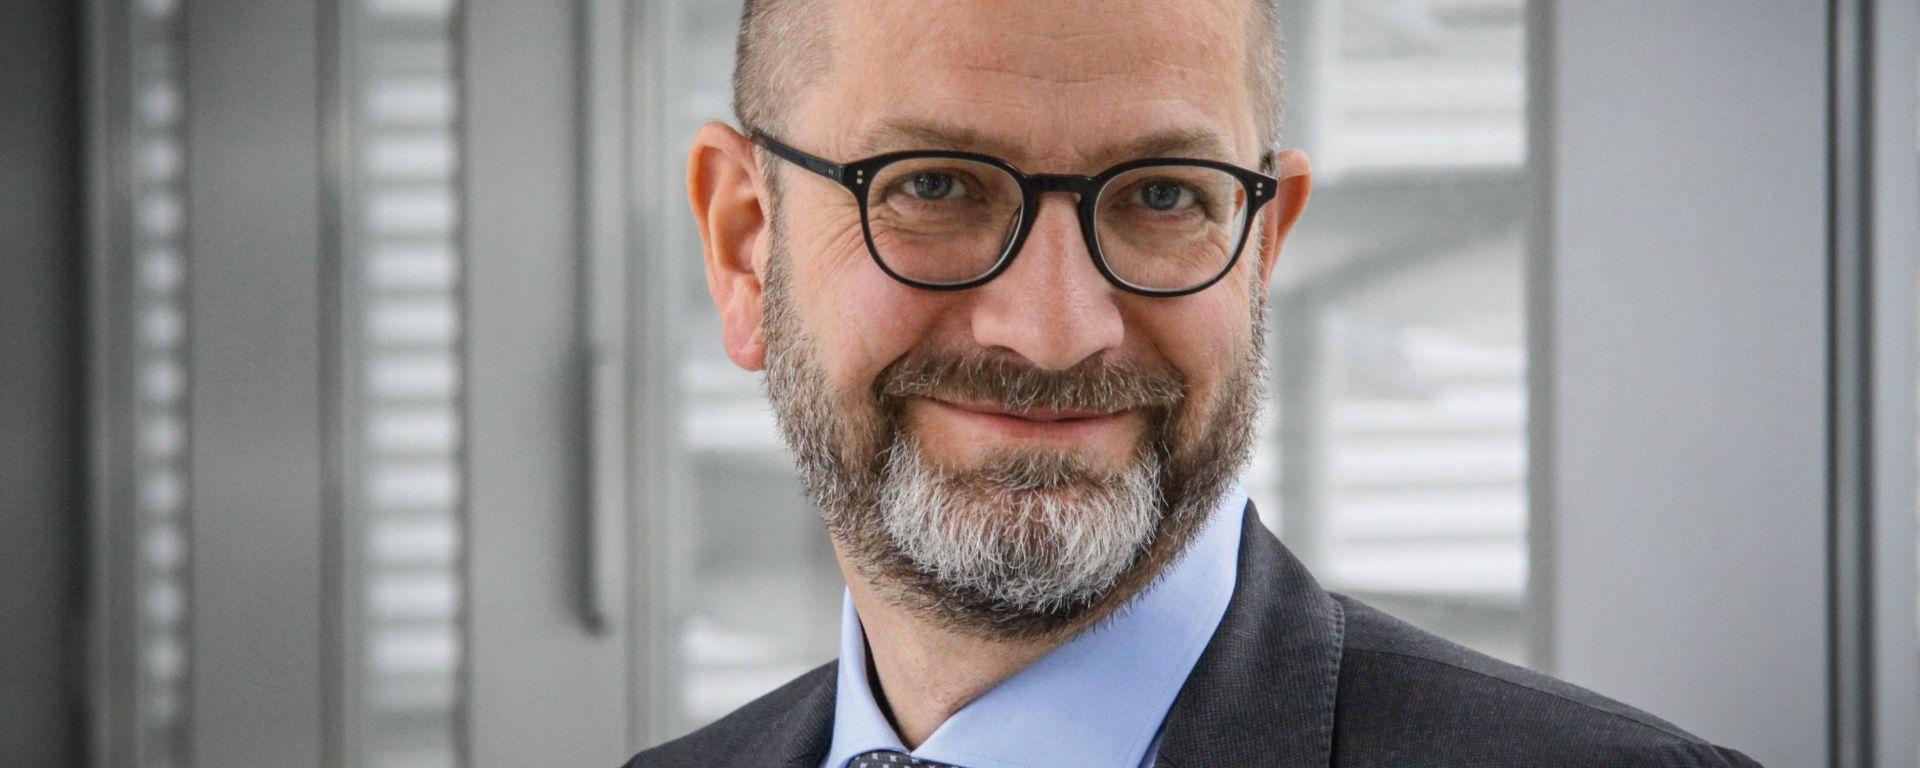 Jean-Philippe Kempf, nuovo direttore della comunicazione di Peugeot